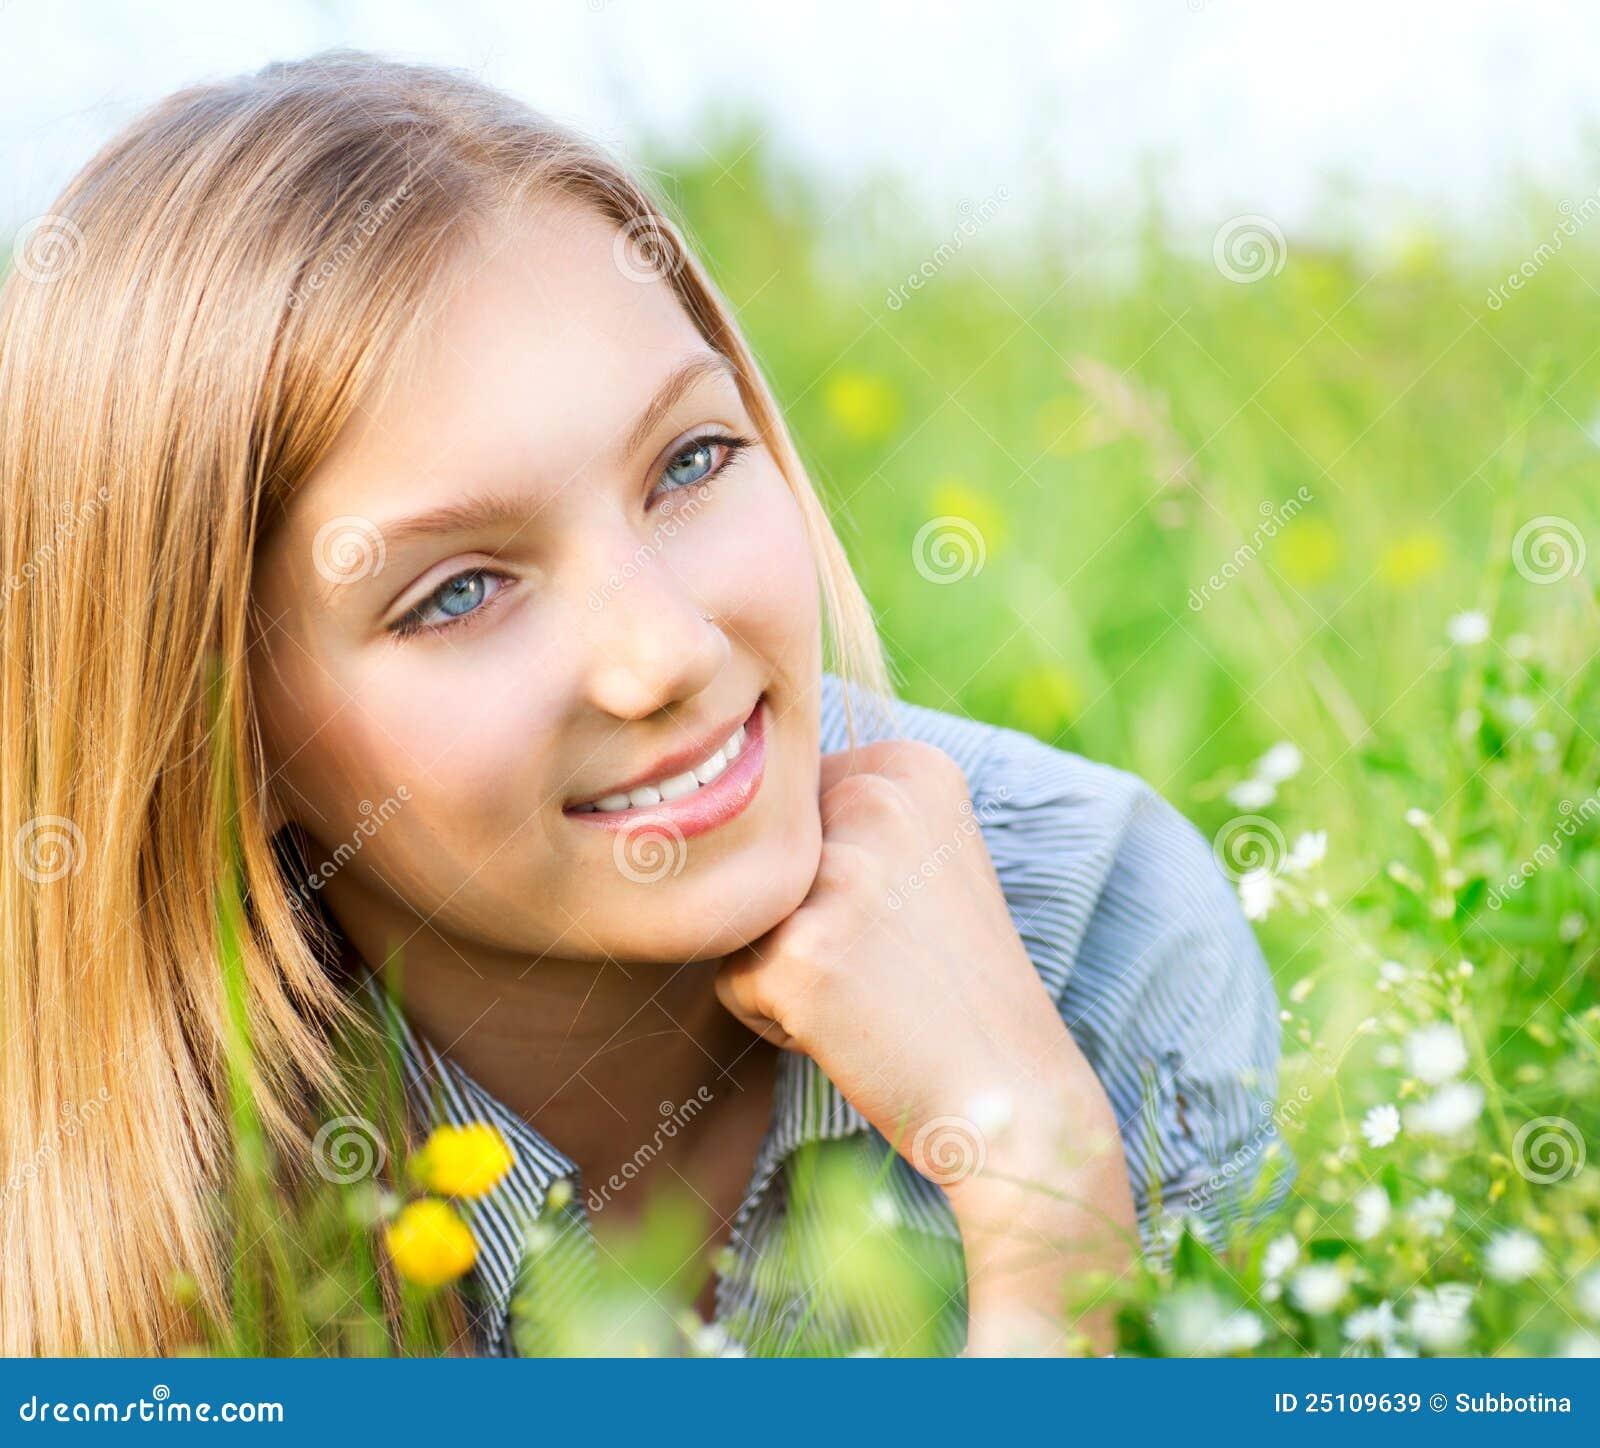 Beautiful Girl Relaxing outdoors